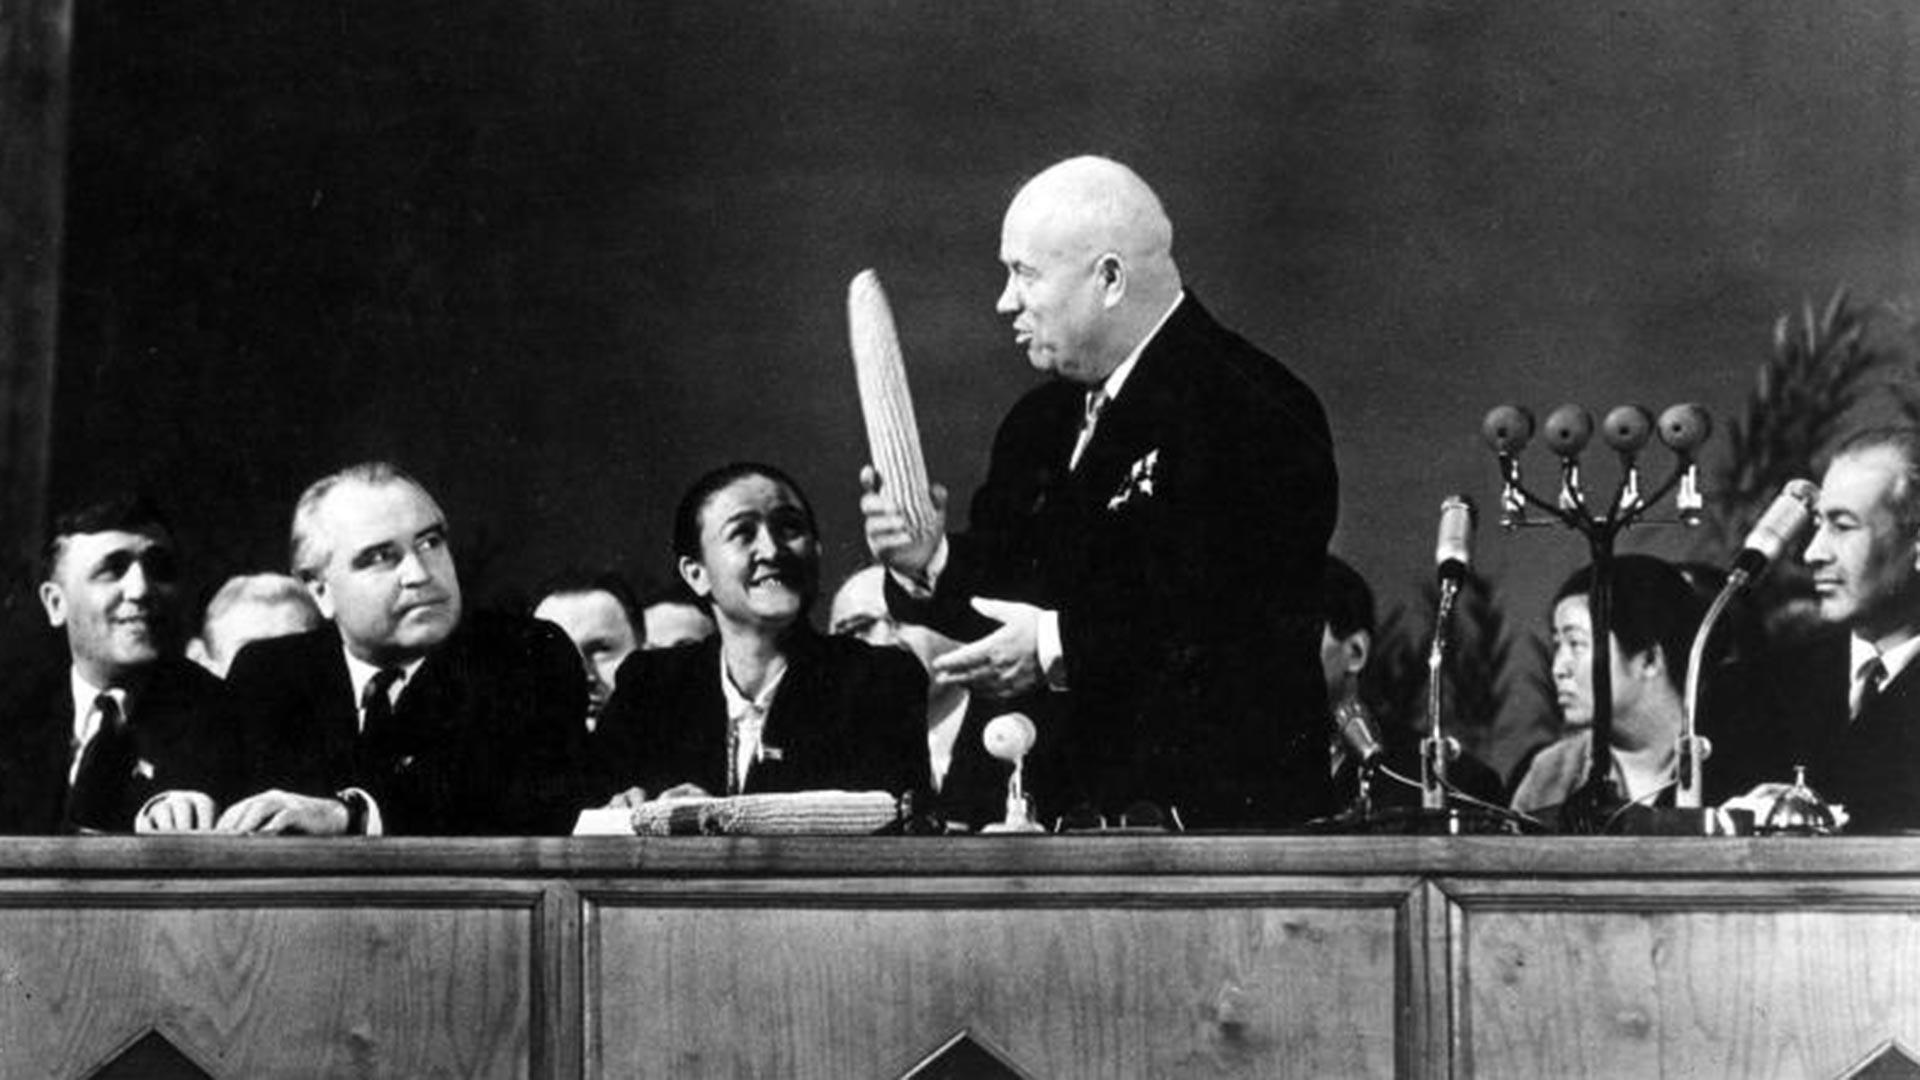 Khrushchev con una pannocchia in mano